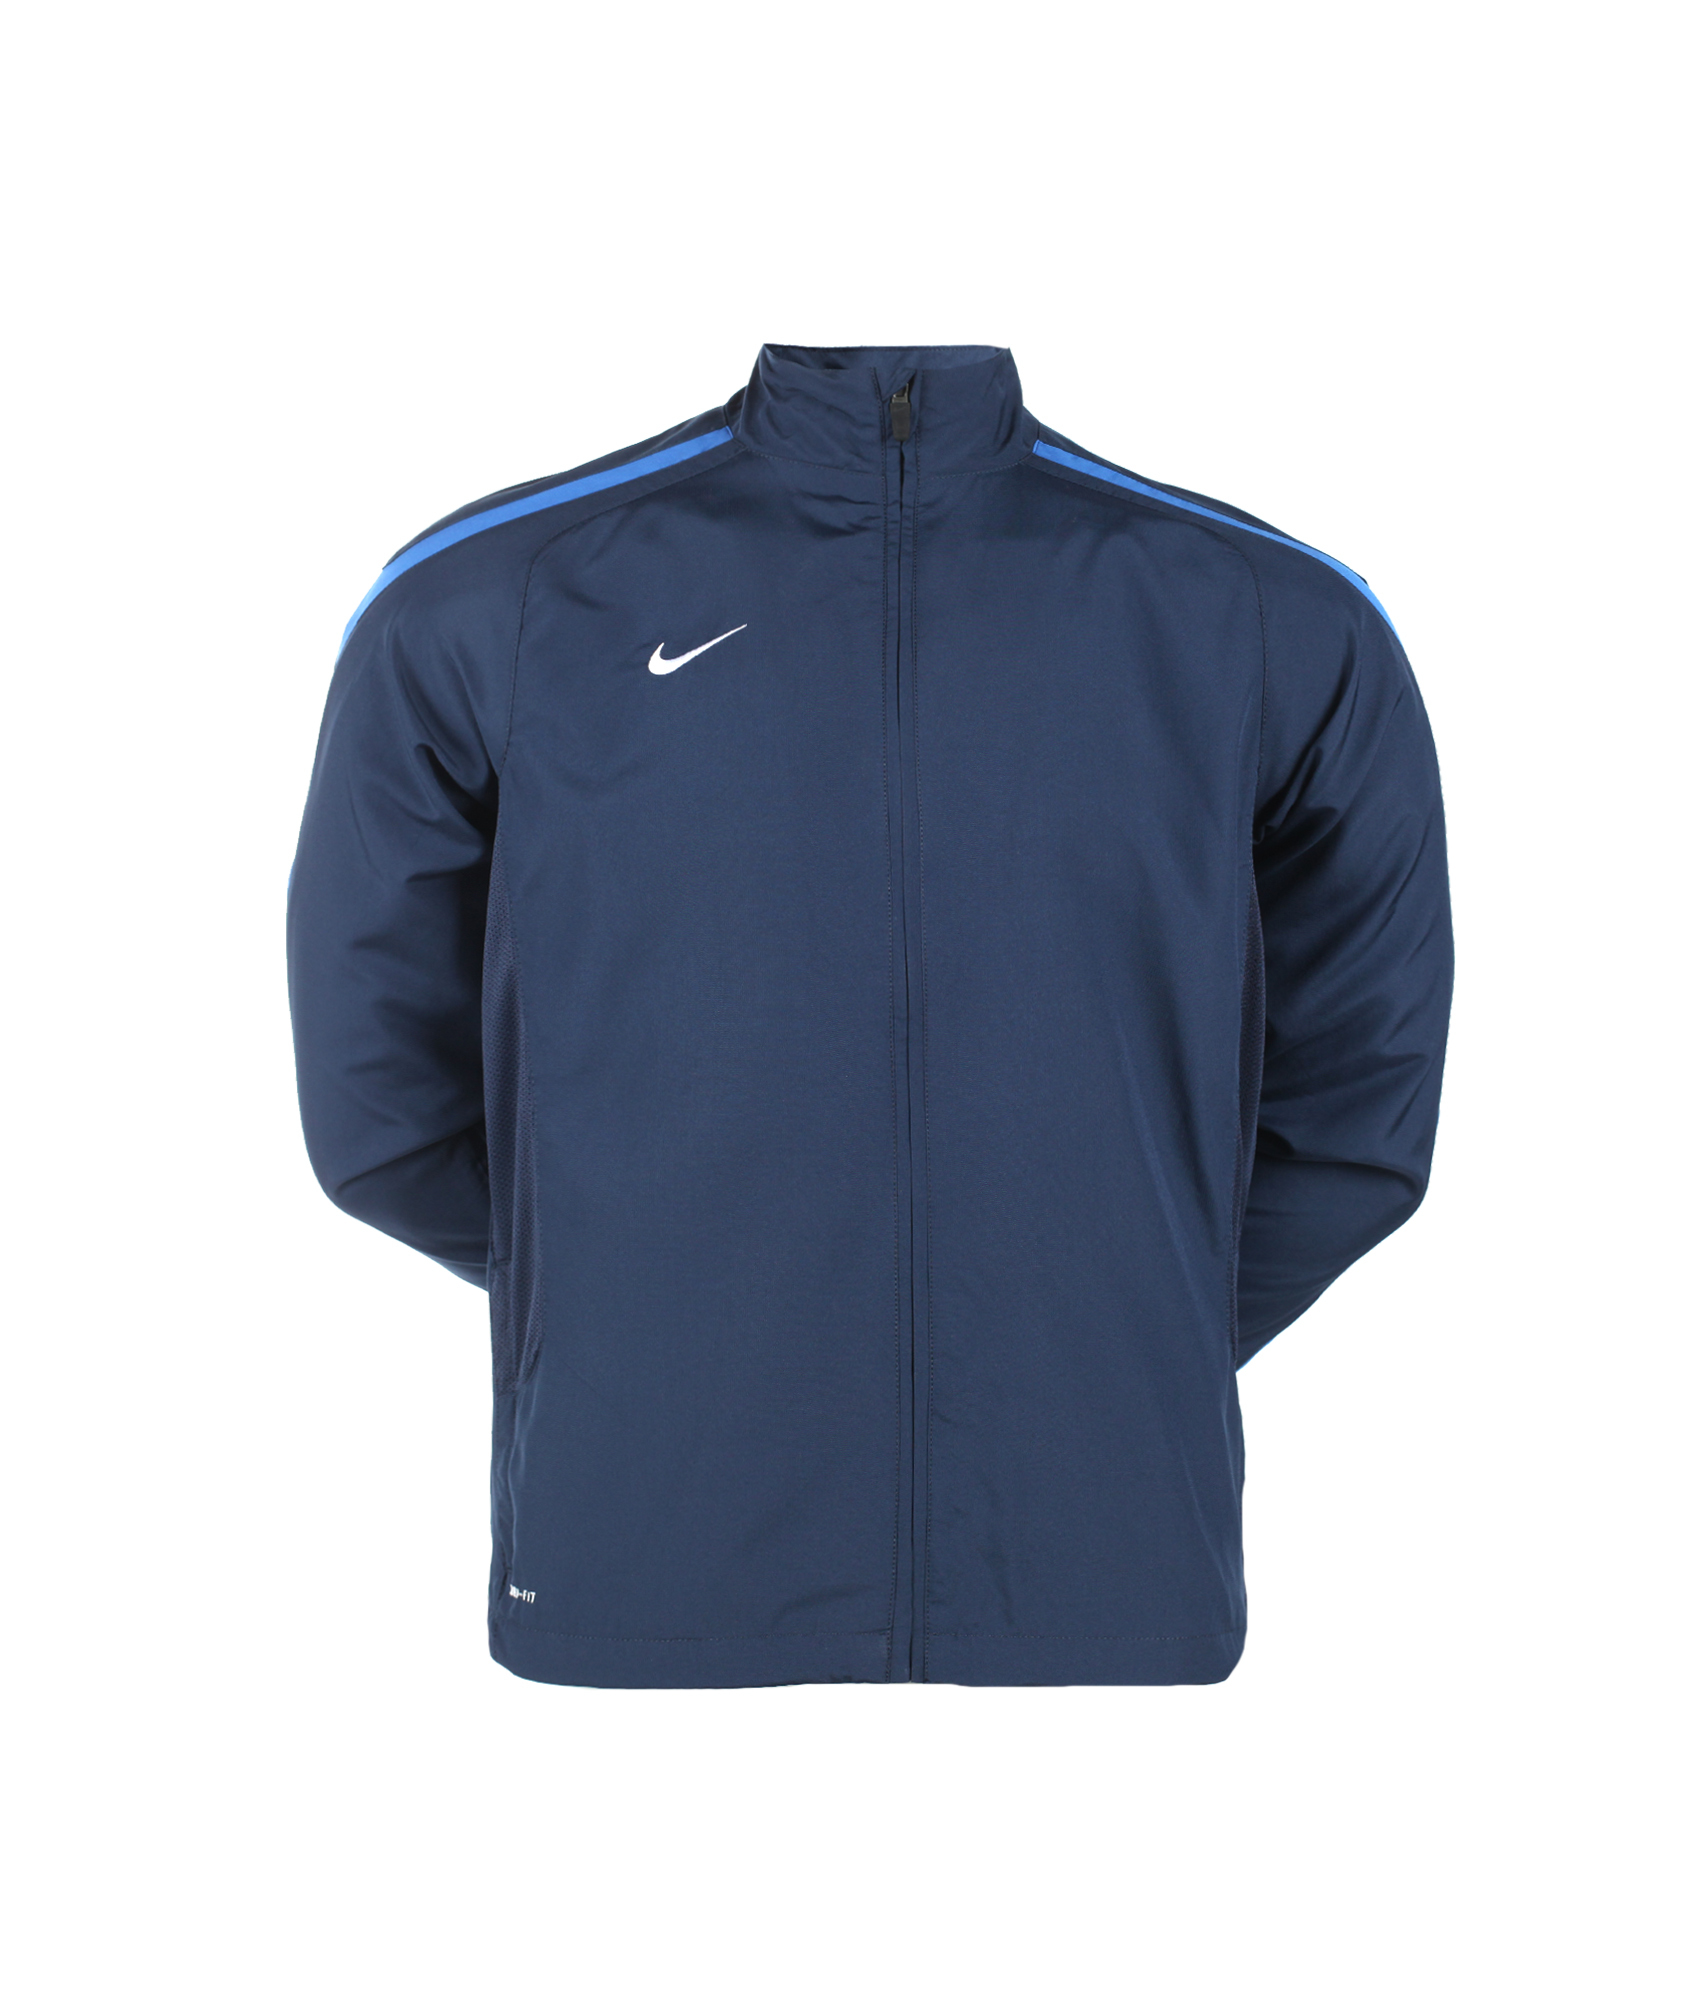 Куртка Nike BOYS COMP 11, Цвет-Темно-Синий, Размер-L